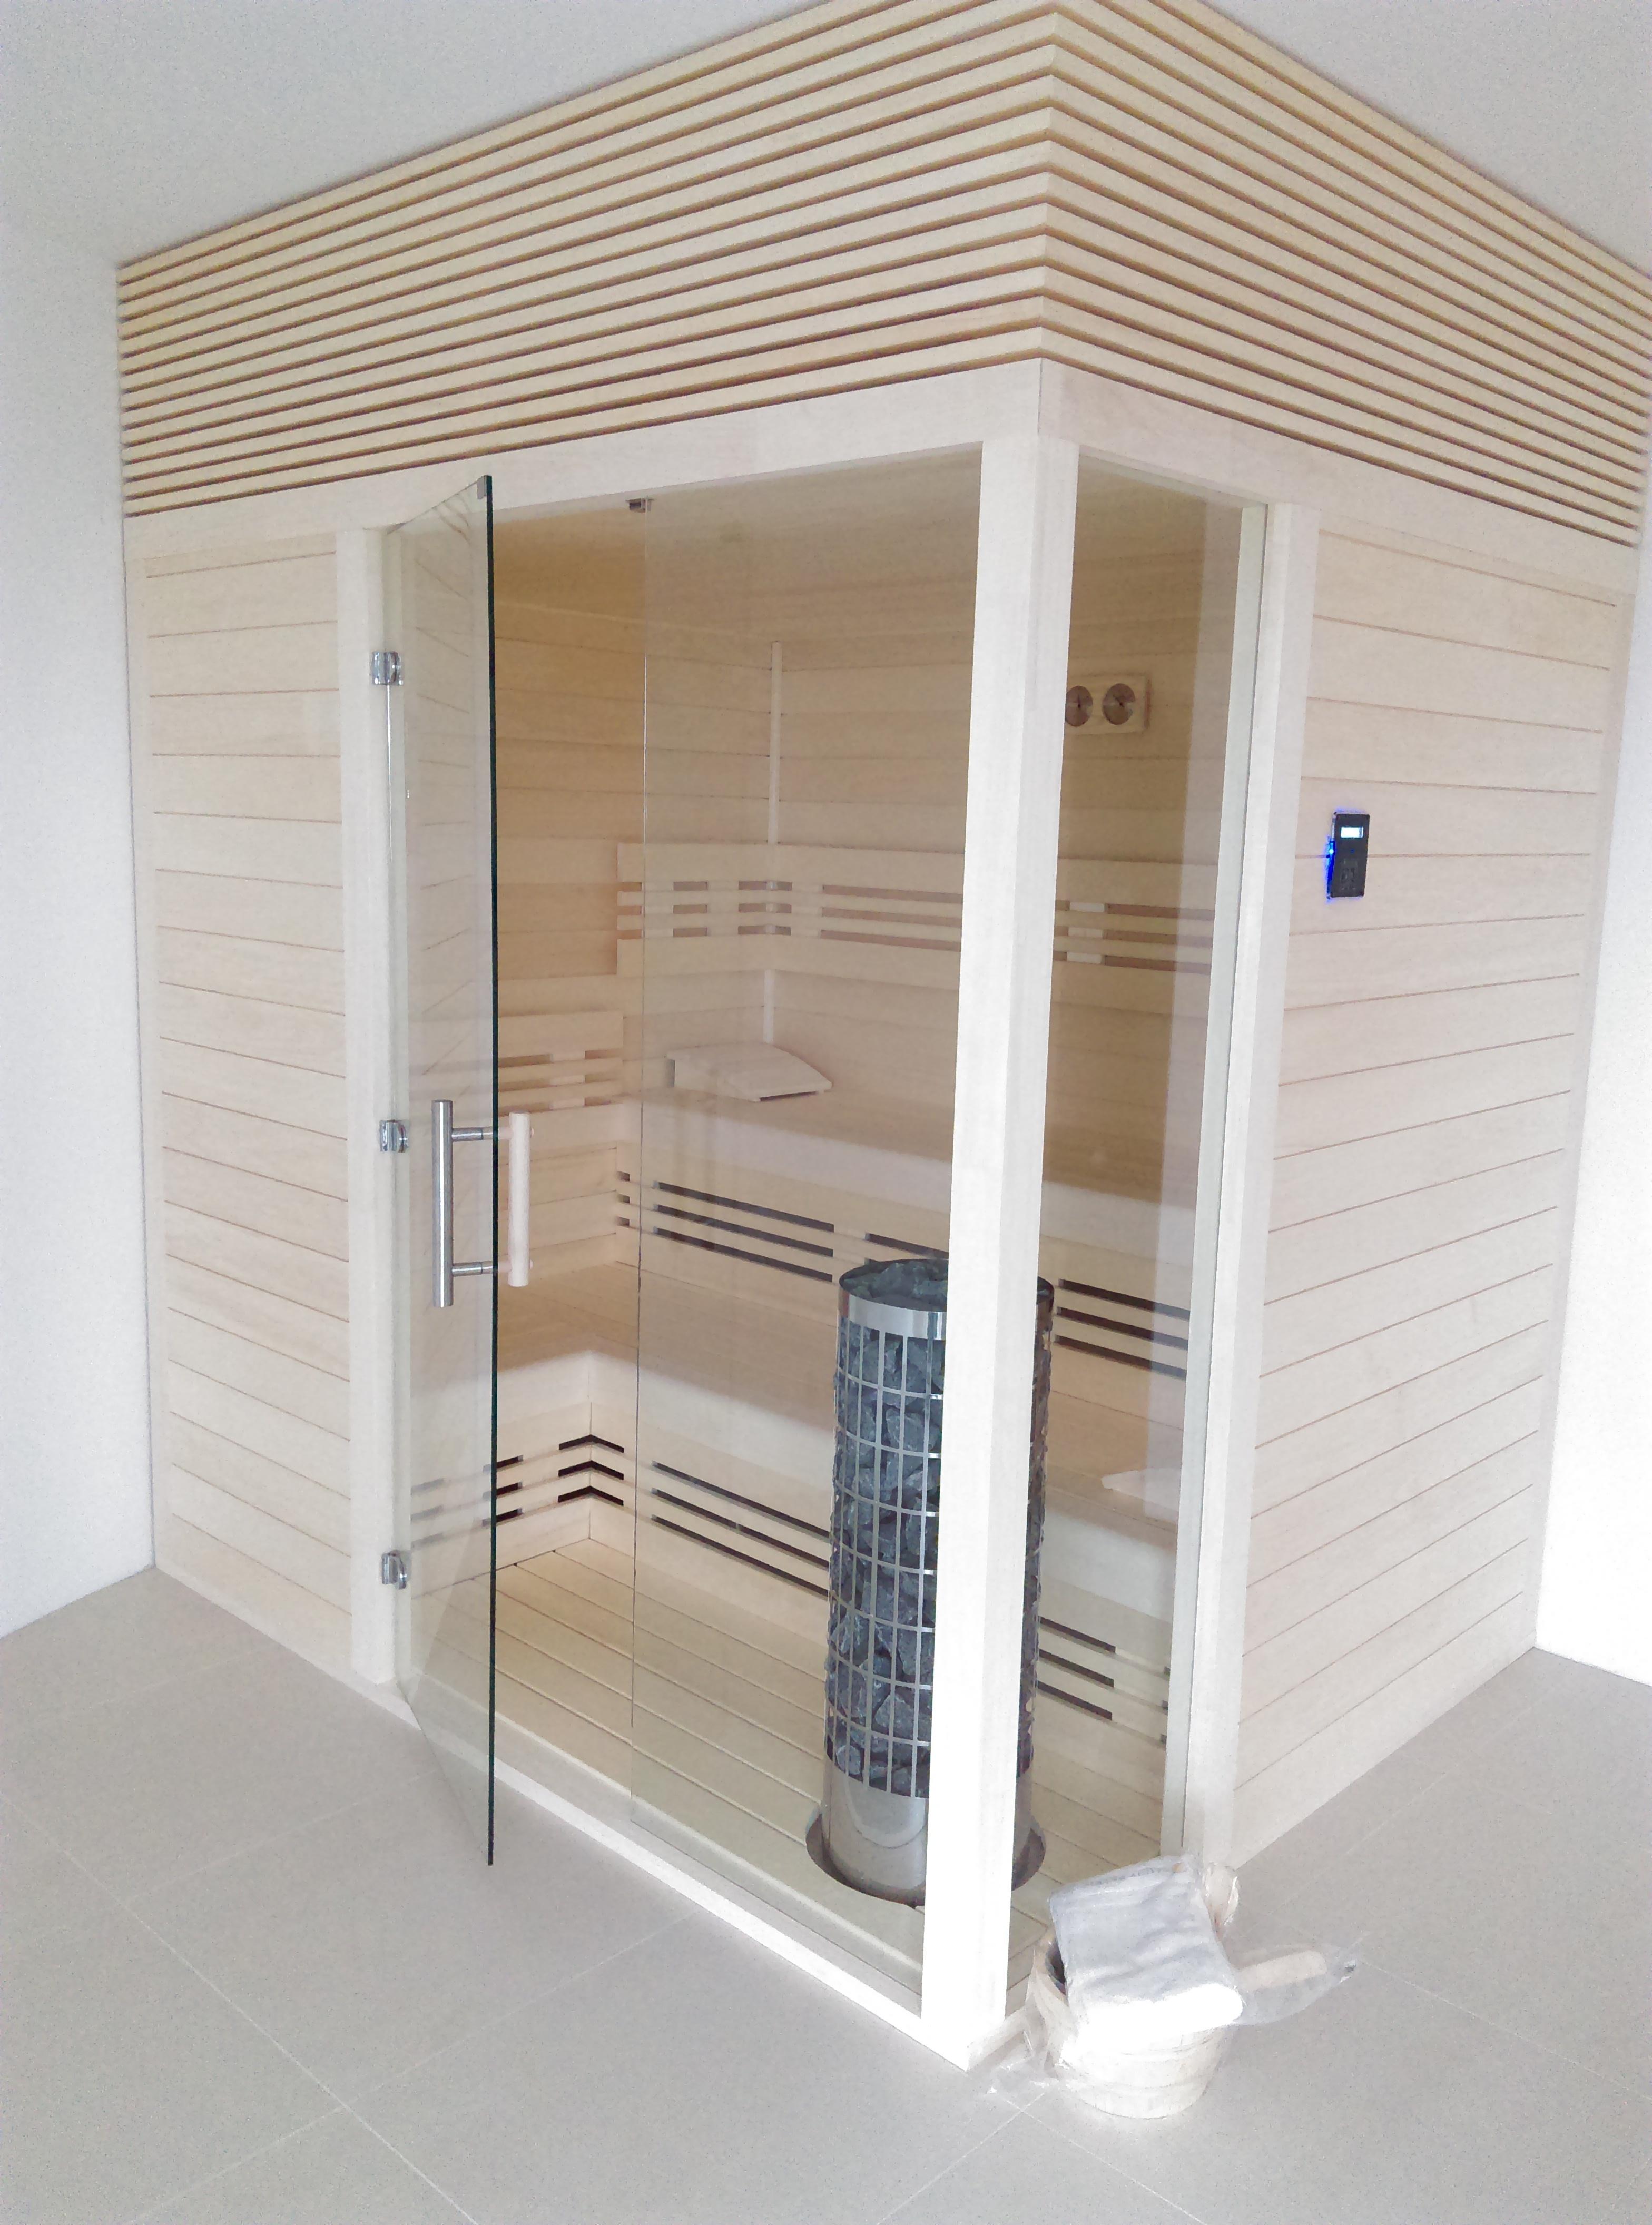 Biela osika - sauny na mieru